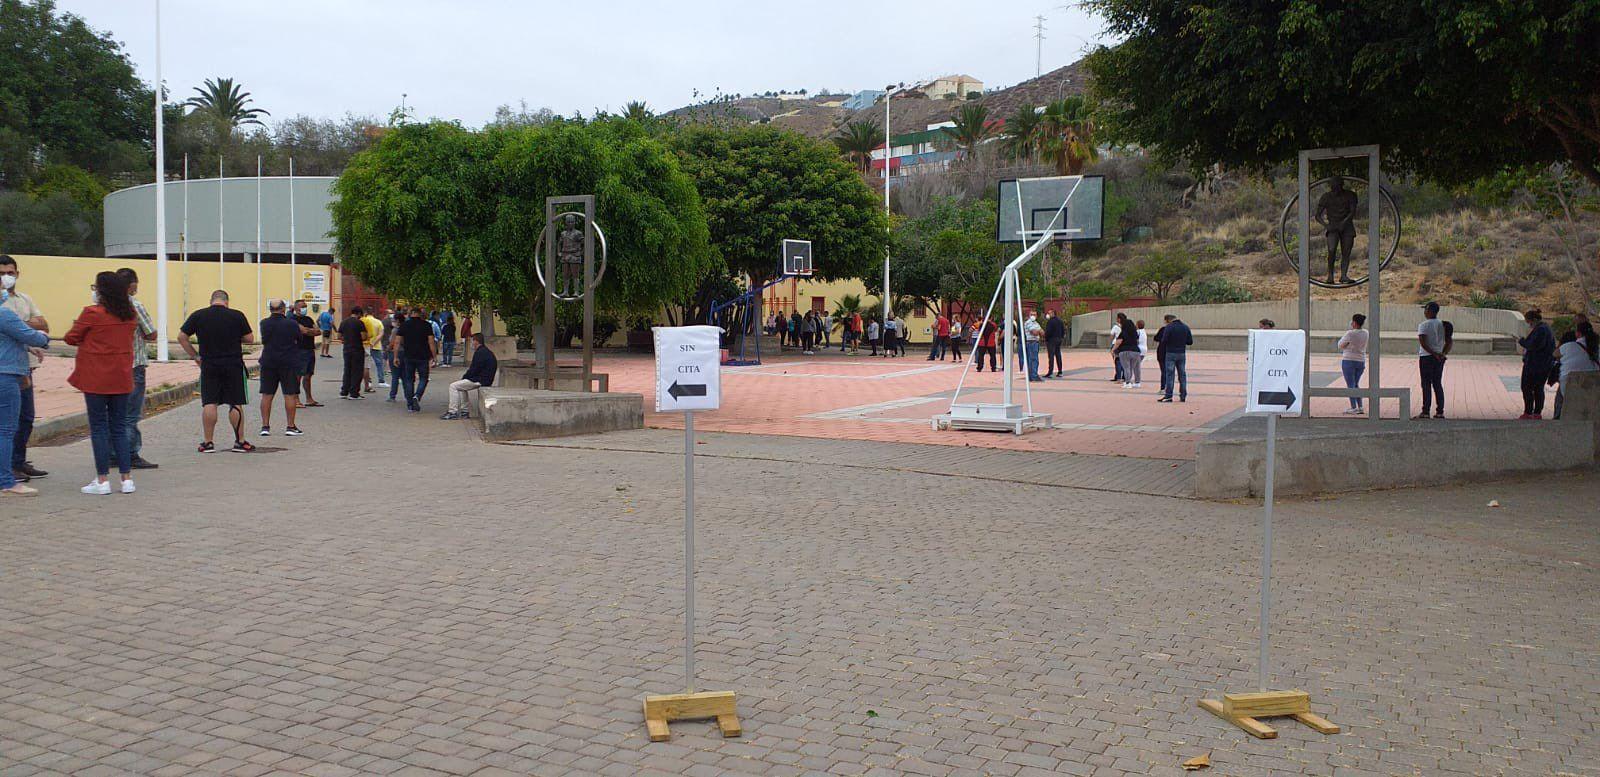 Jornada de vacunación sin cita en Gran Canaria (11/07/21)